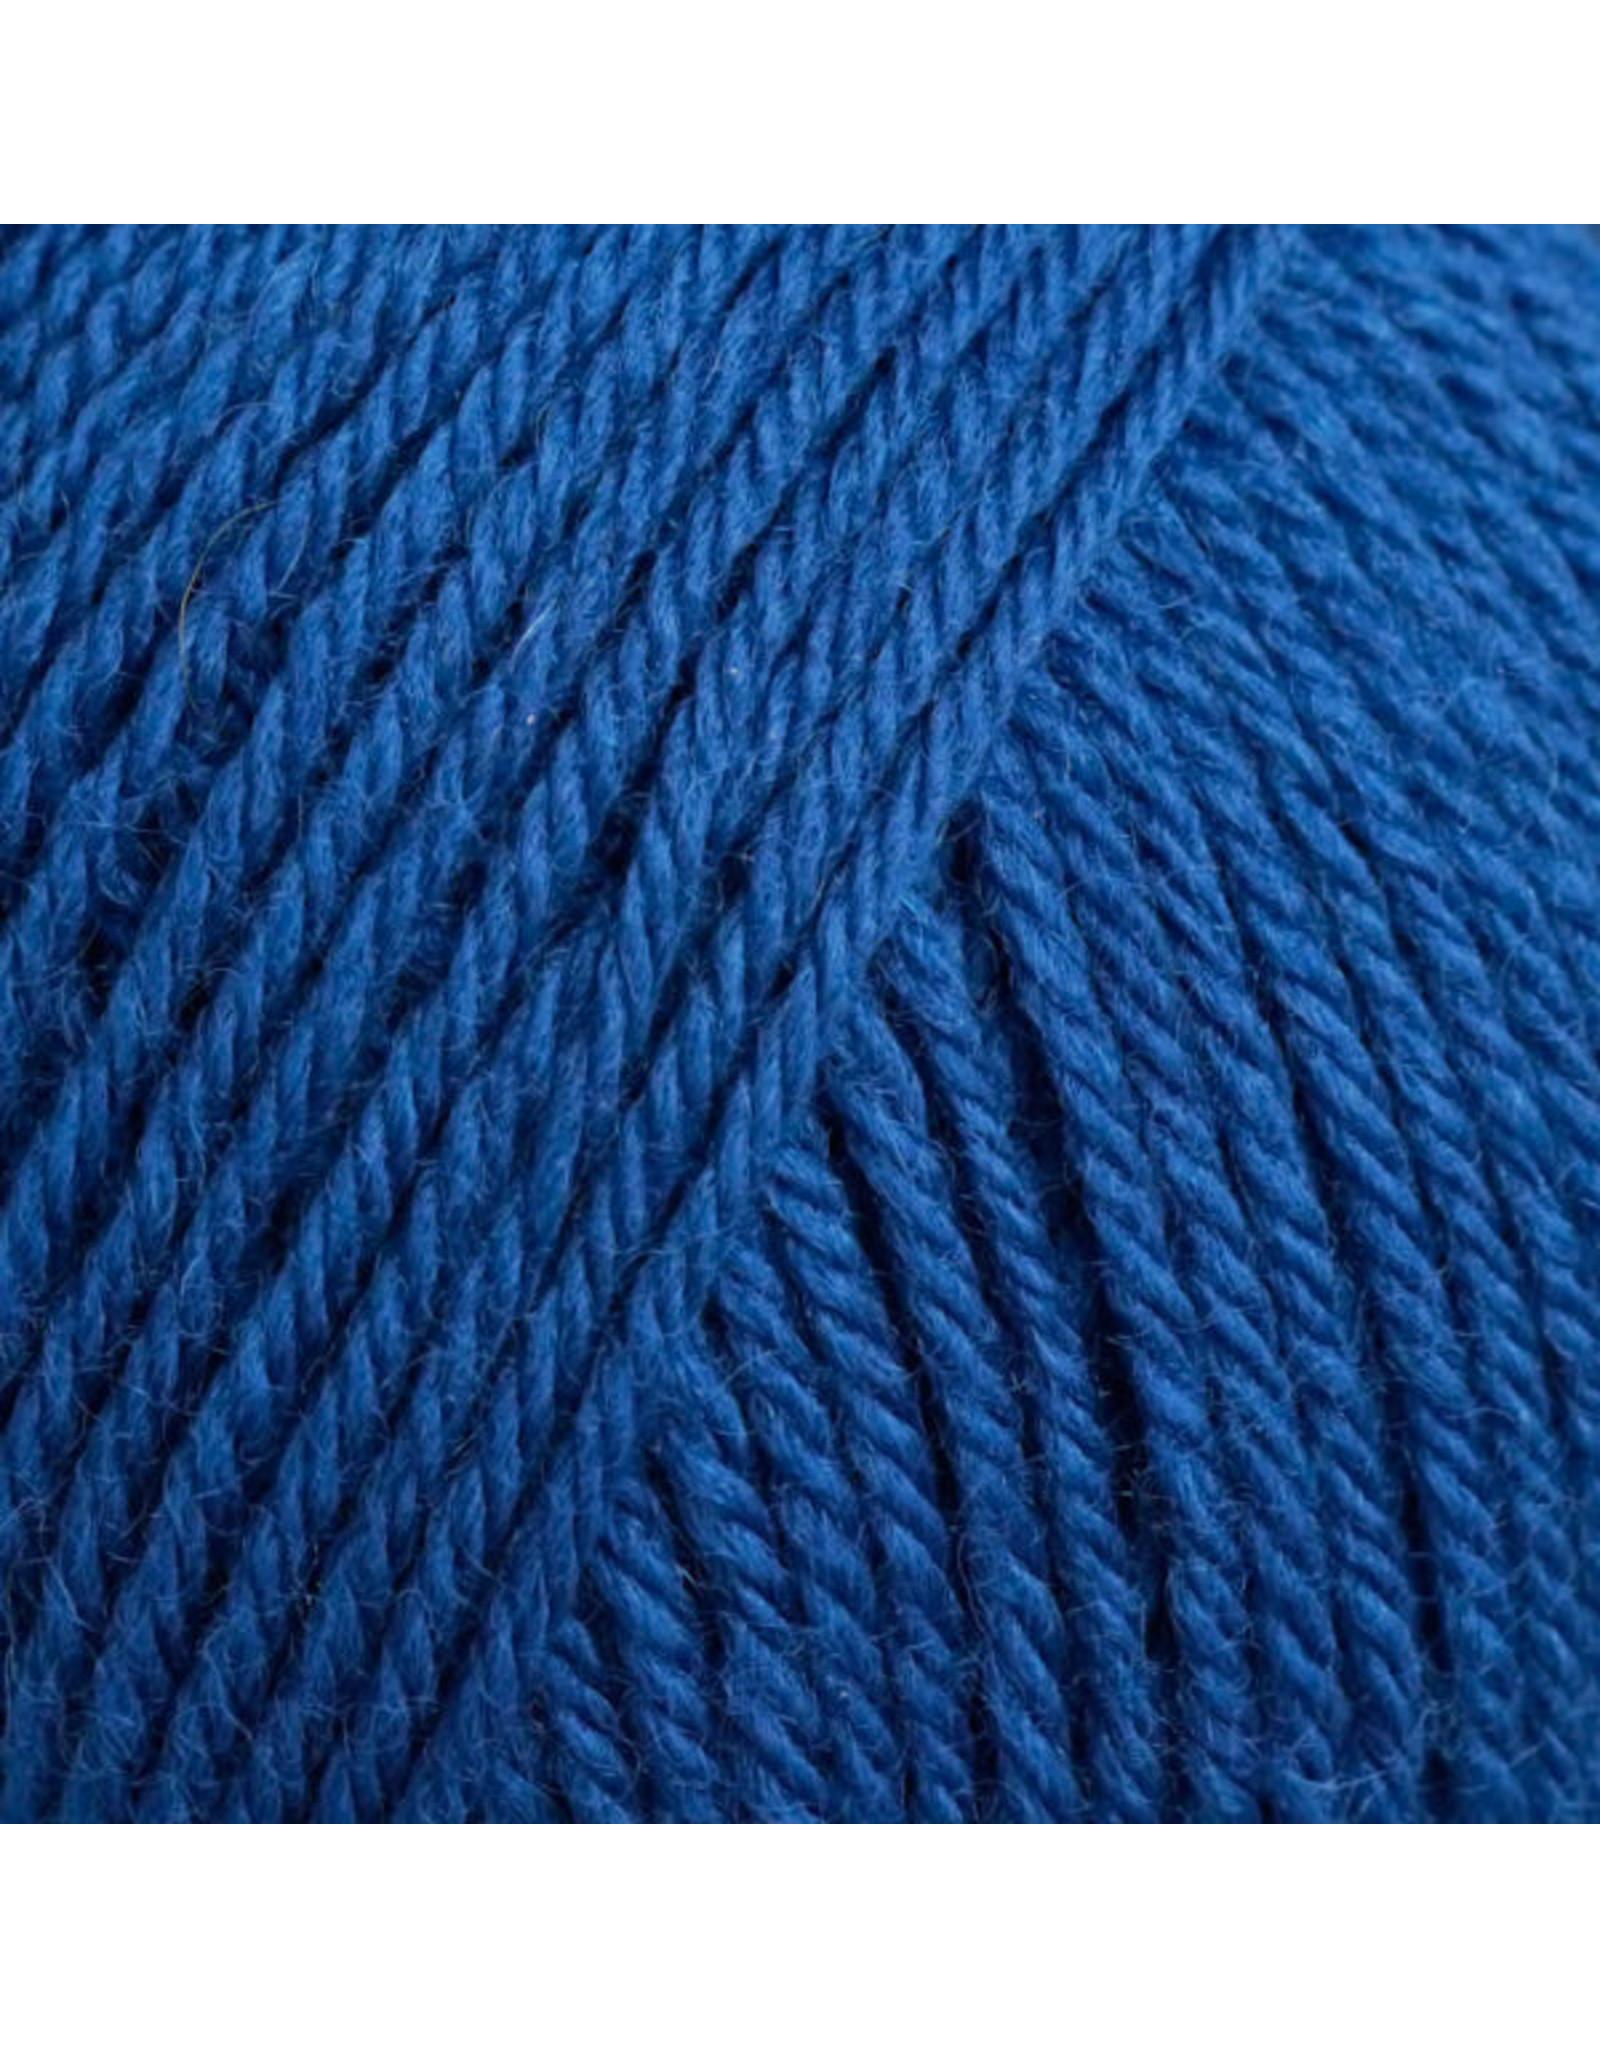 Berroco Berroco: Leicester Kit (Blues),